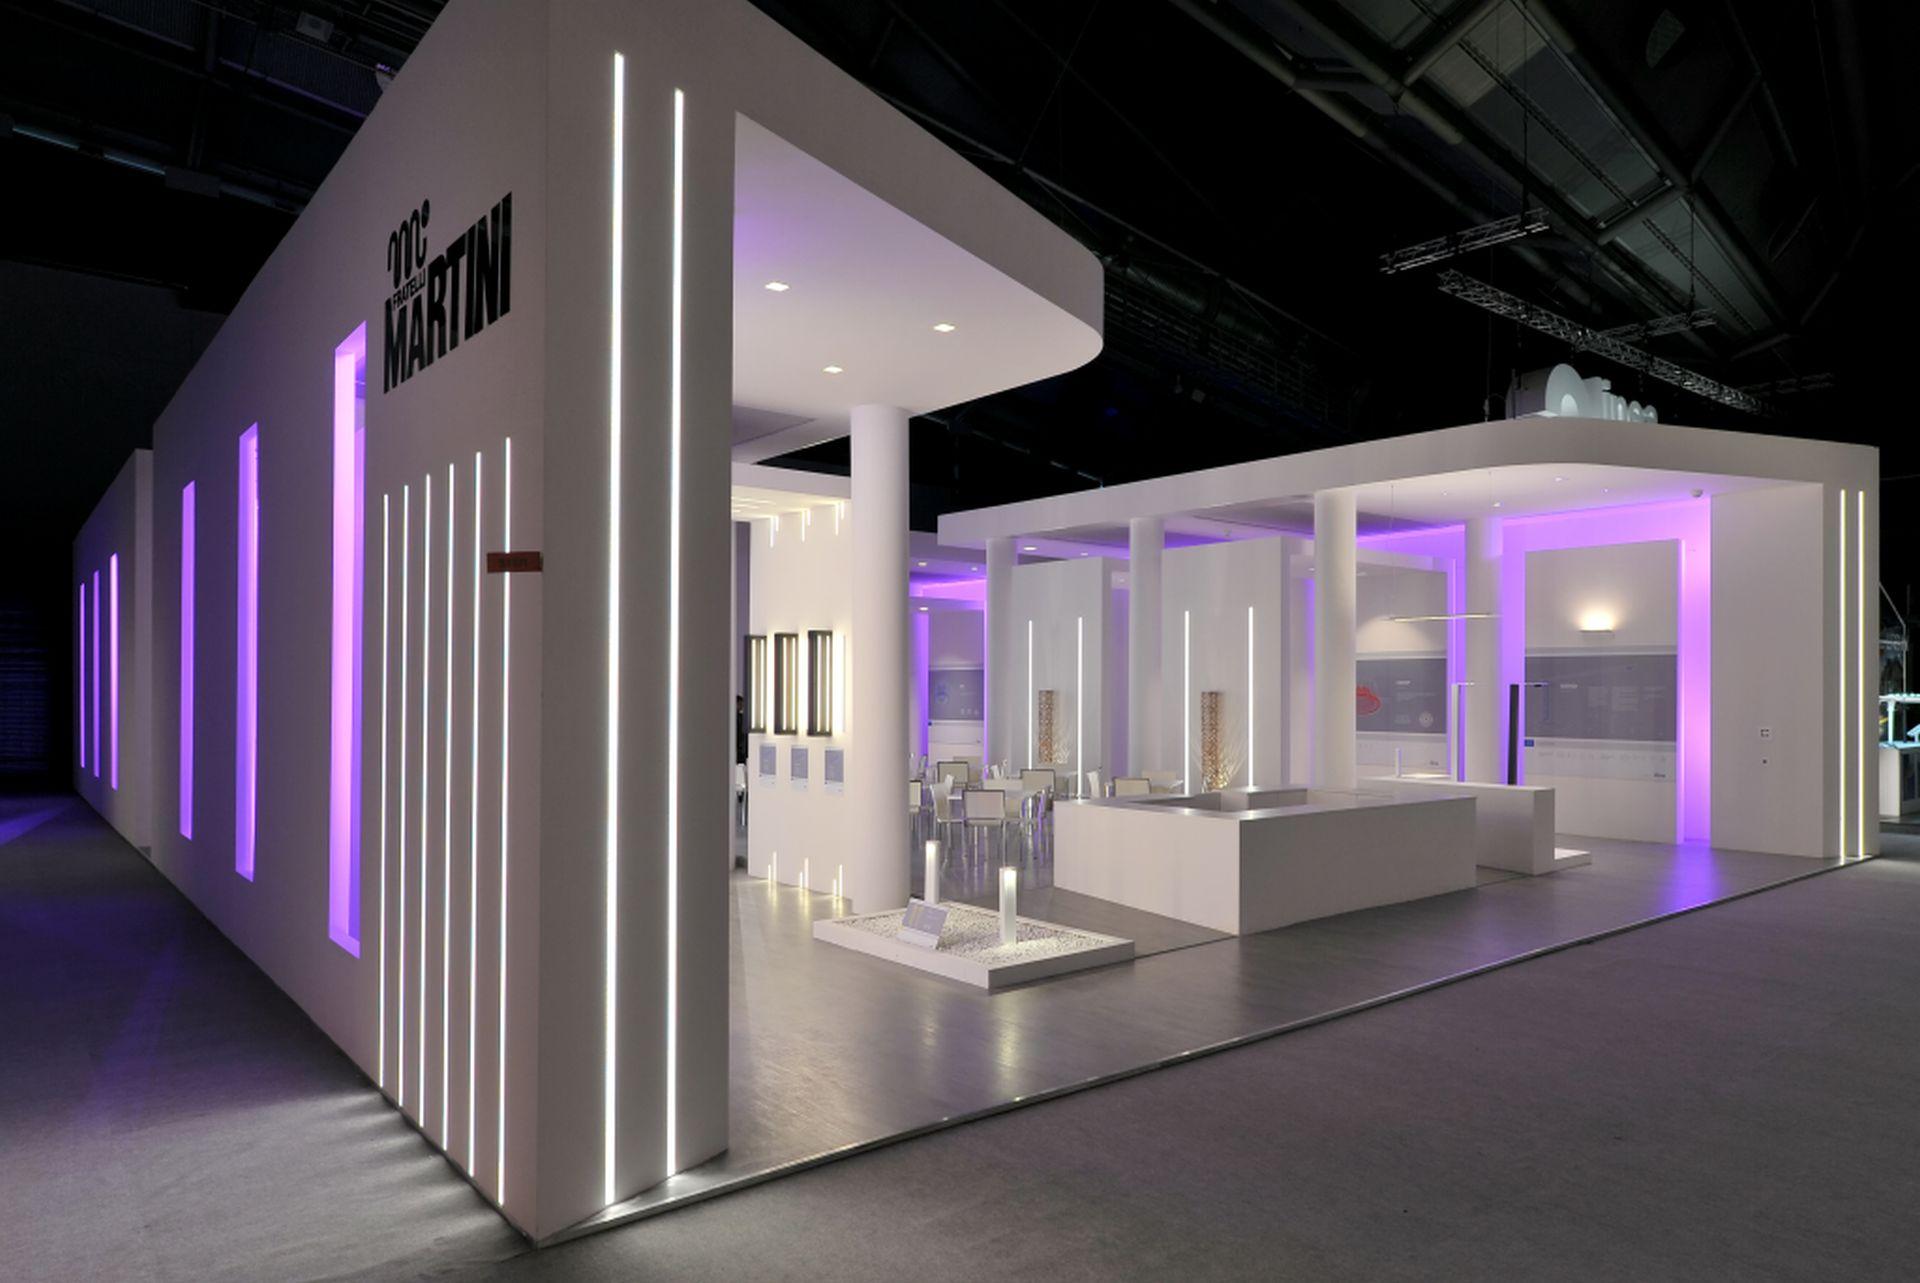 Progettazione Stand Fieristici, Martini Light Booth